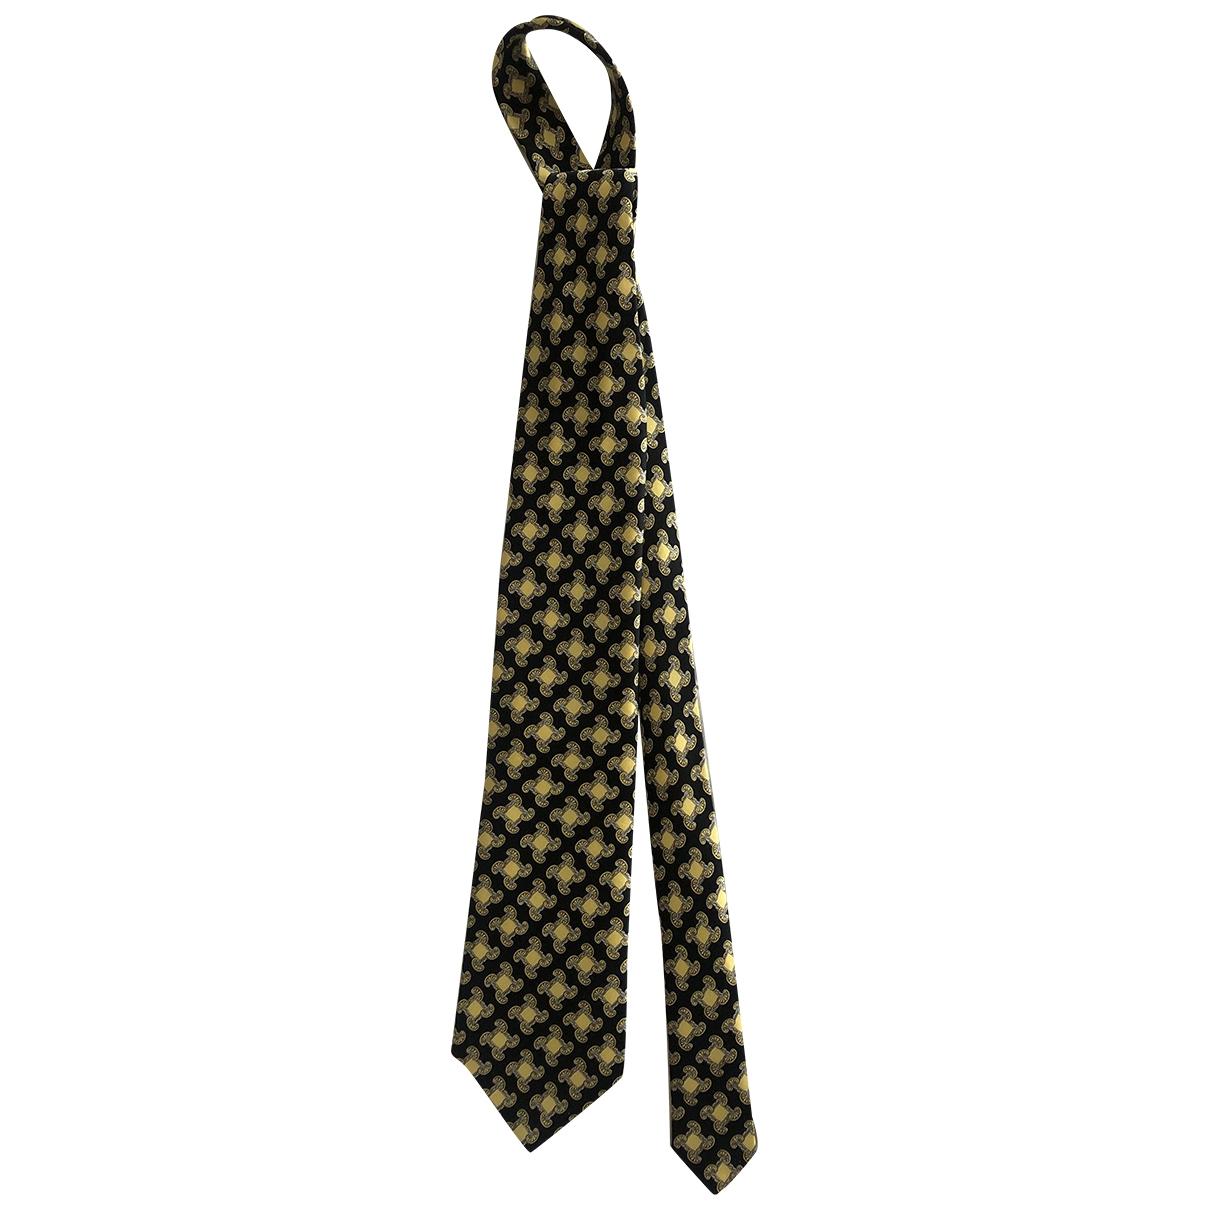 Brioni \N Krawatten in  Gelb Seide